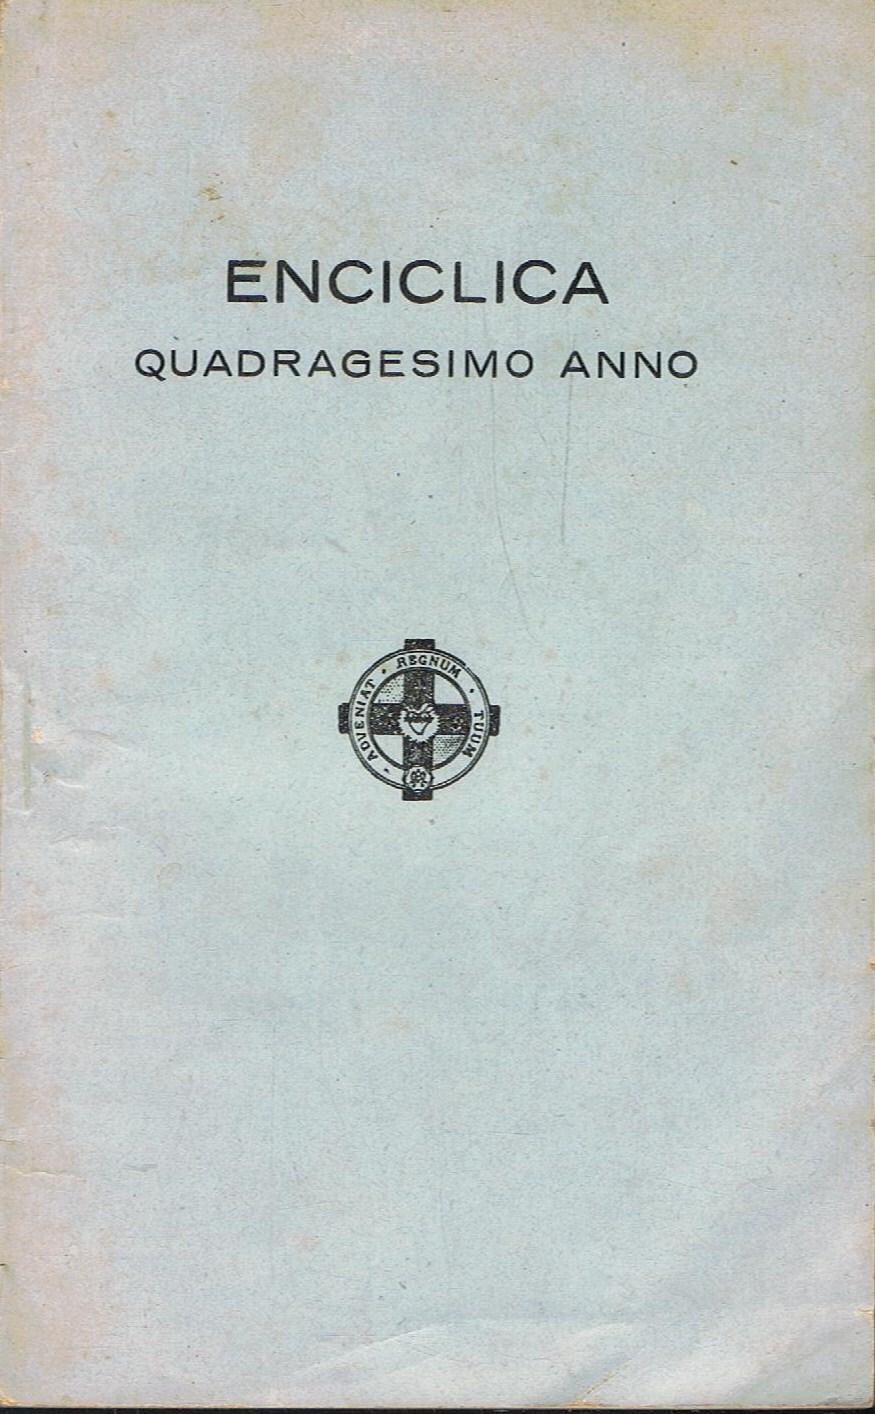 ENCICLICA DE PIO XI. Quadragesimo Anno. SOBRE LA RESTAURACIÓN DEL ORDEN  SOCIAL. by Enciclica. | Librería Torreón de Rueda